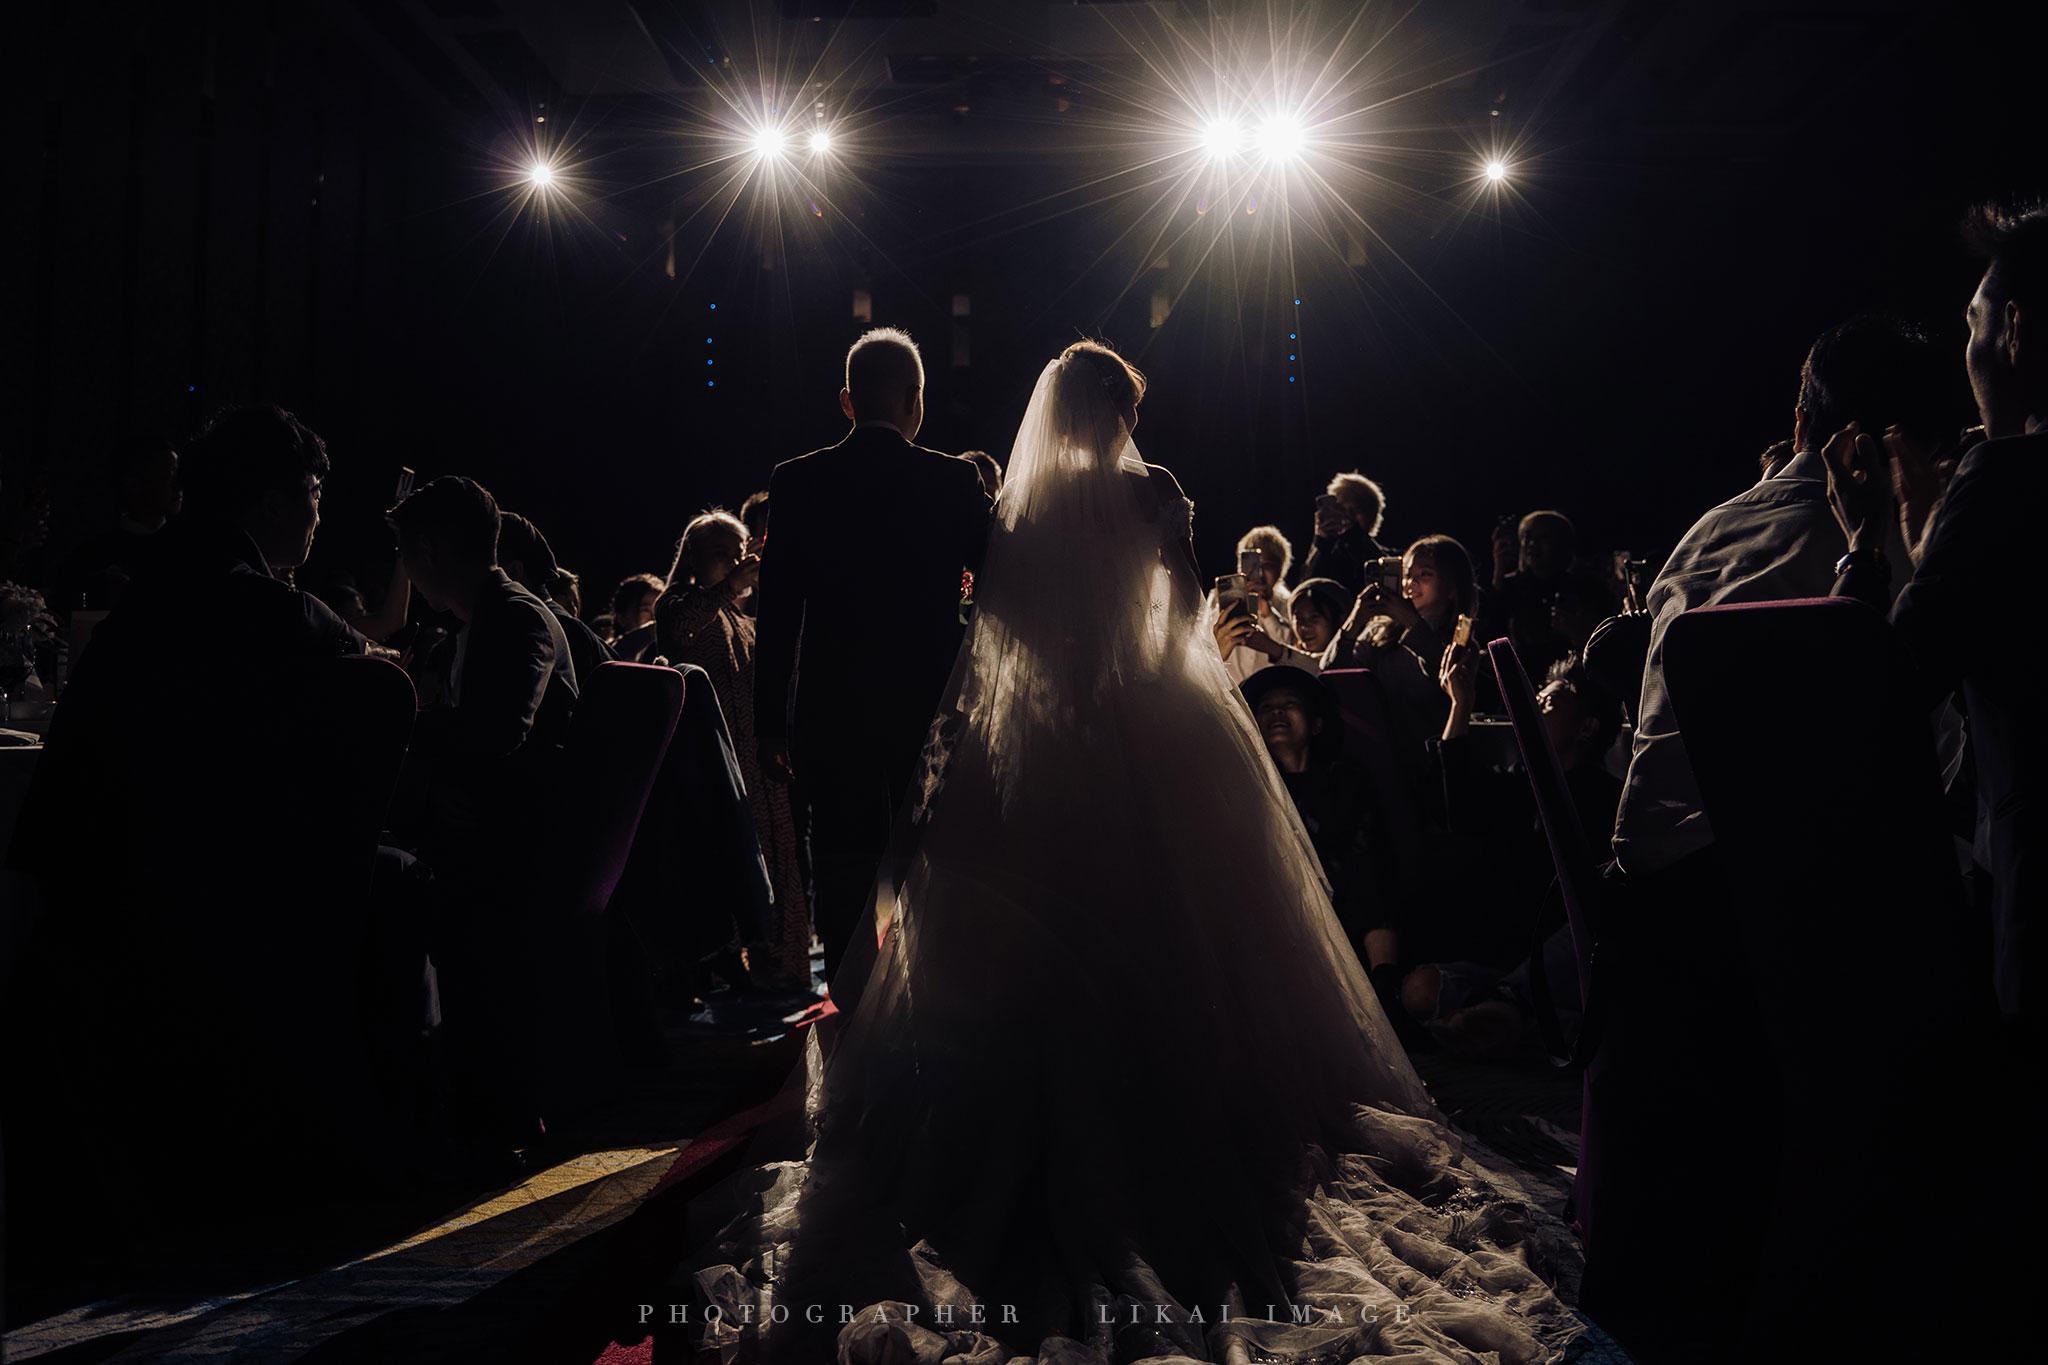 婚禮紀錄 - Elga & Ken - 希爾頓酒店